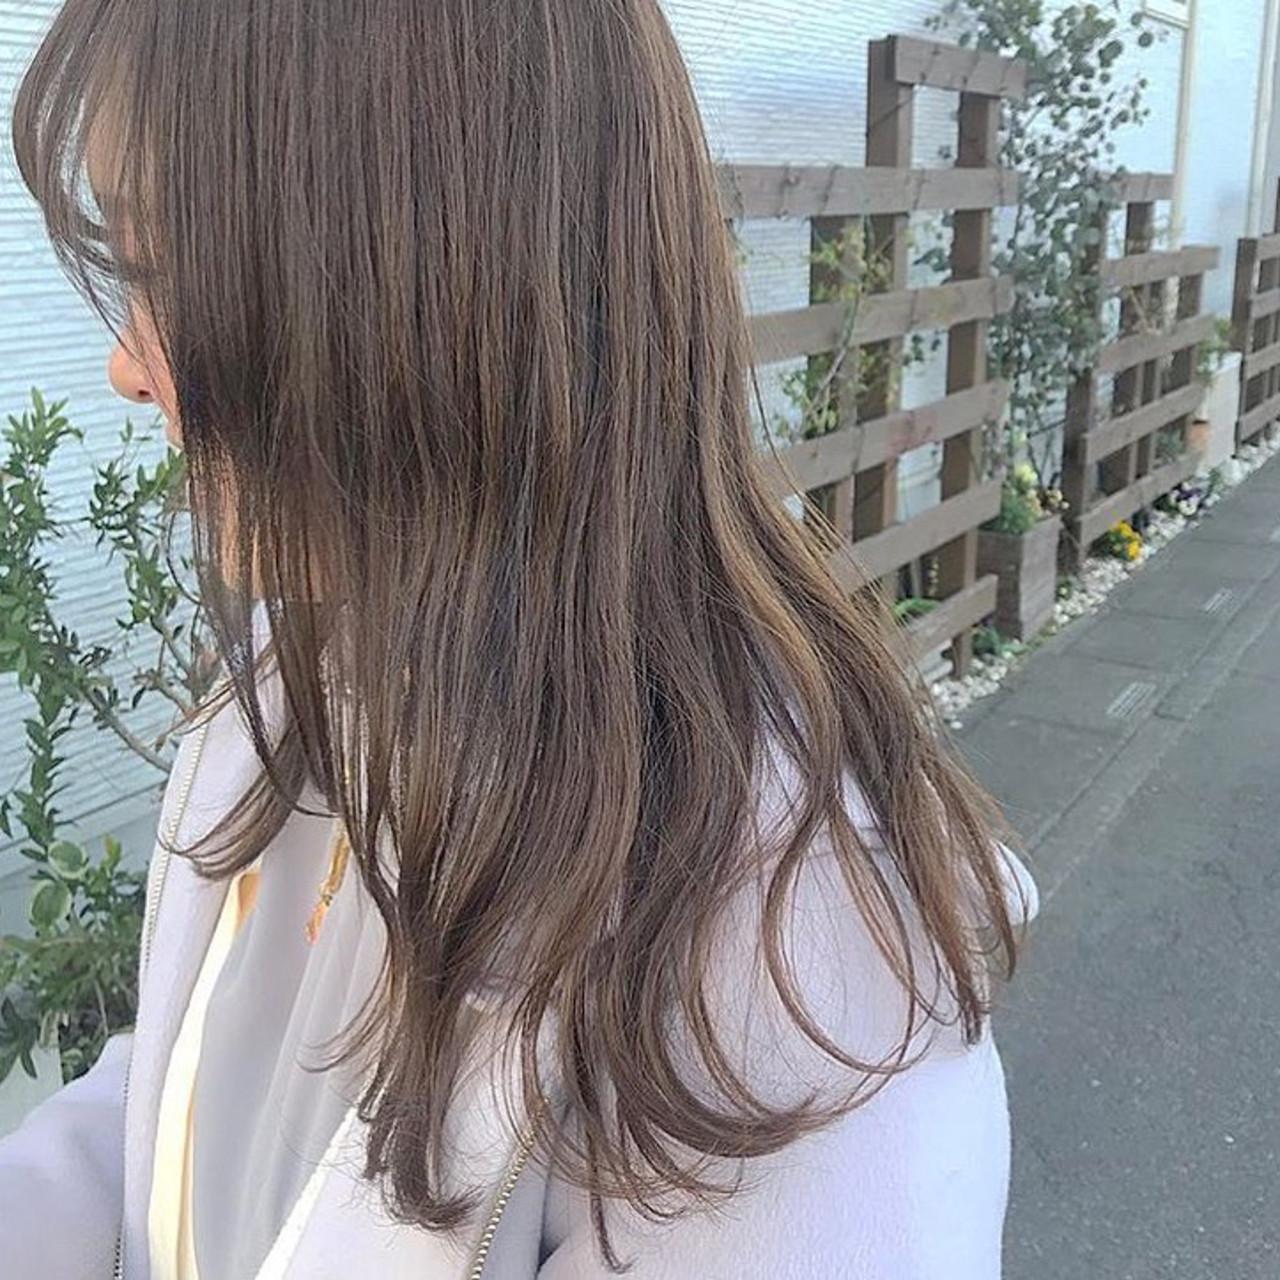 360度どこからみても綺麗なロングヘア ベージュカラー ナチュラル ロング ヘアスタイルや髪型の写真・画像